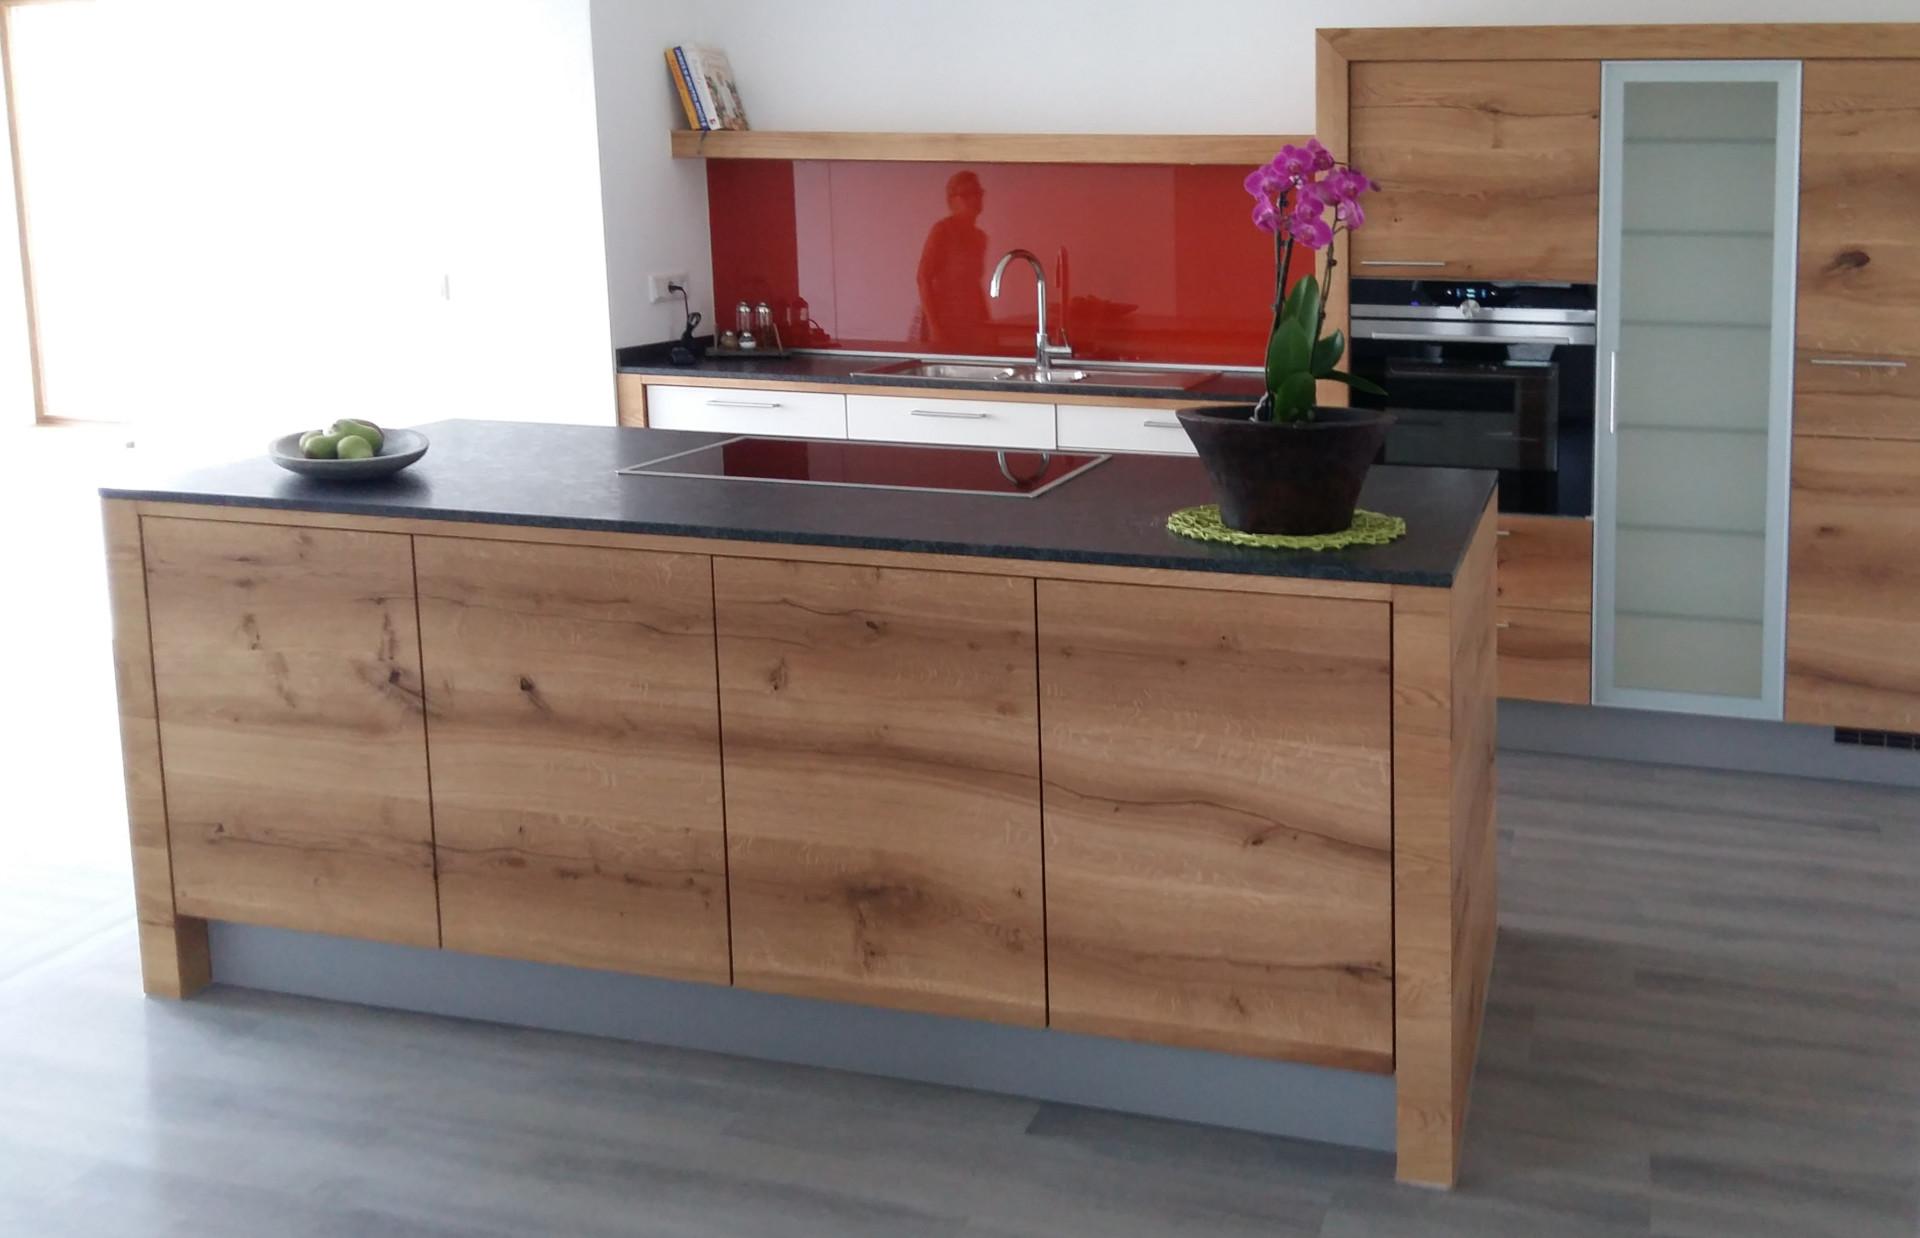 Full Size of Hochschrank Küche Backofen Hochschrank Küche Mit Auszug Hochschrank Küche Mikrowelle Hochschrank Küche Holz Küche Hochschrank Küche